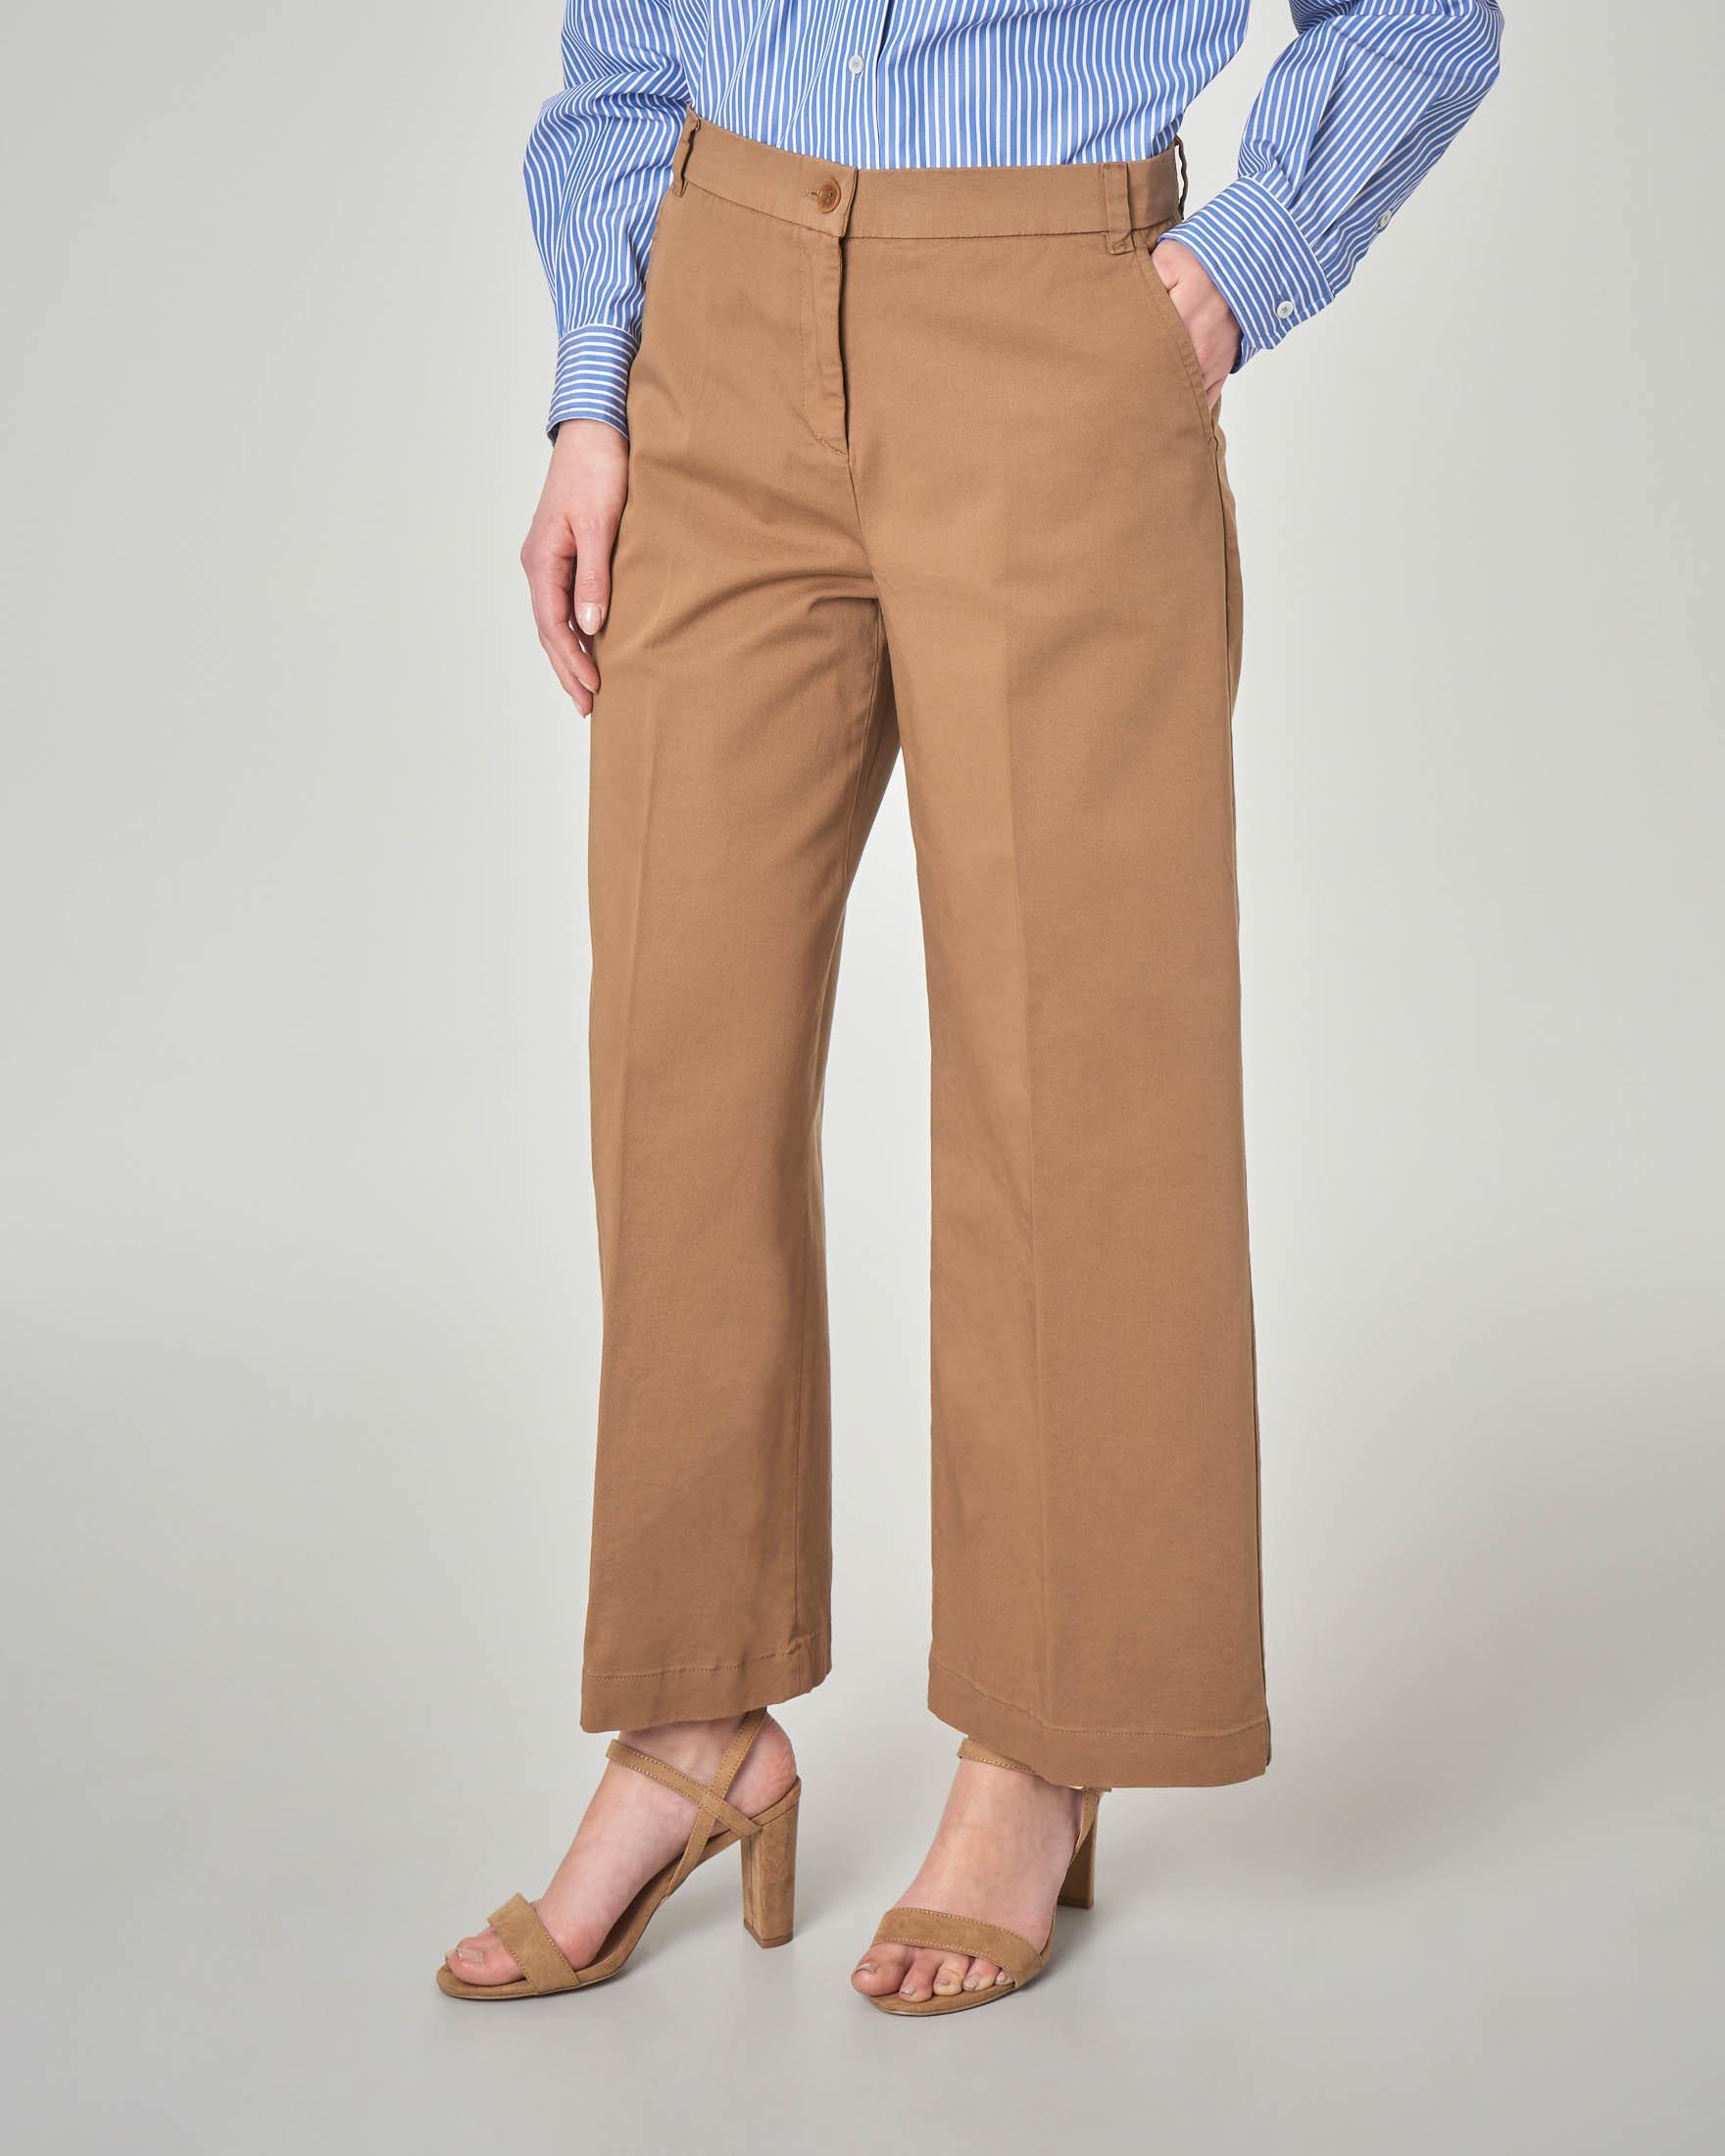 Pantaloni palazzo in cotone stretch color cuoio